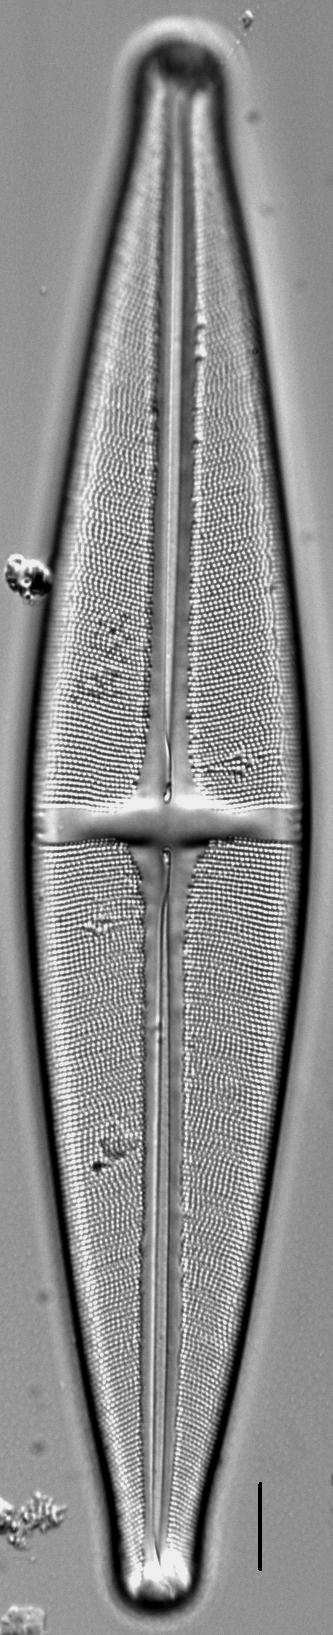 Stauroneis submarginalis LM1